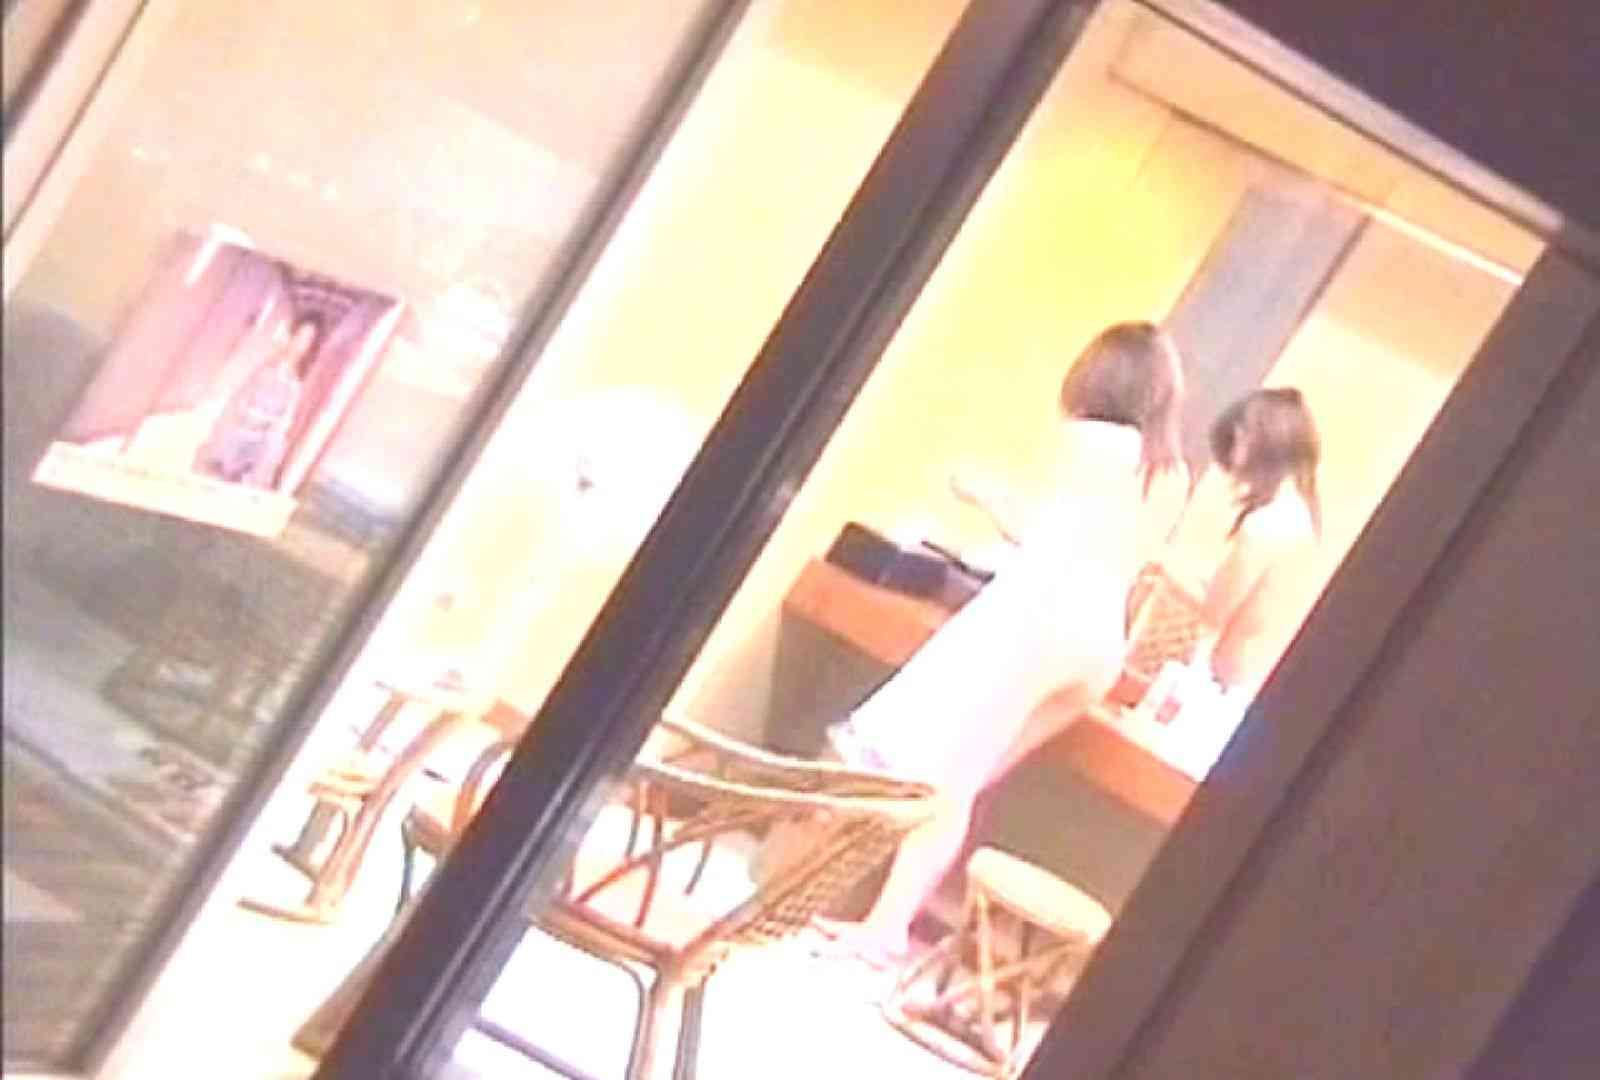 素人投稿シリーズ 盗撮 覗きの穴場 大浴場編  Vol.2 OLの実態  27pic 20